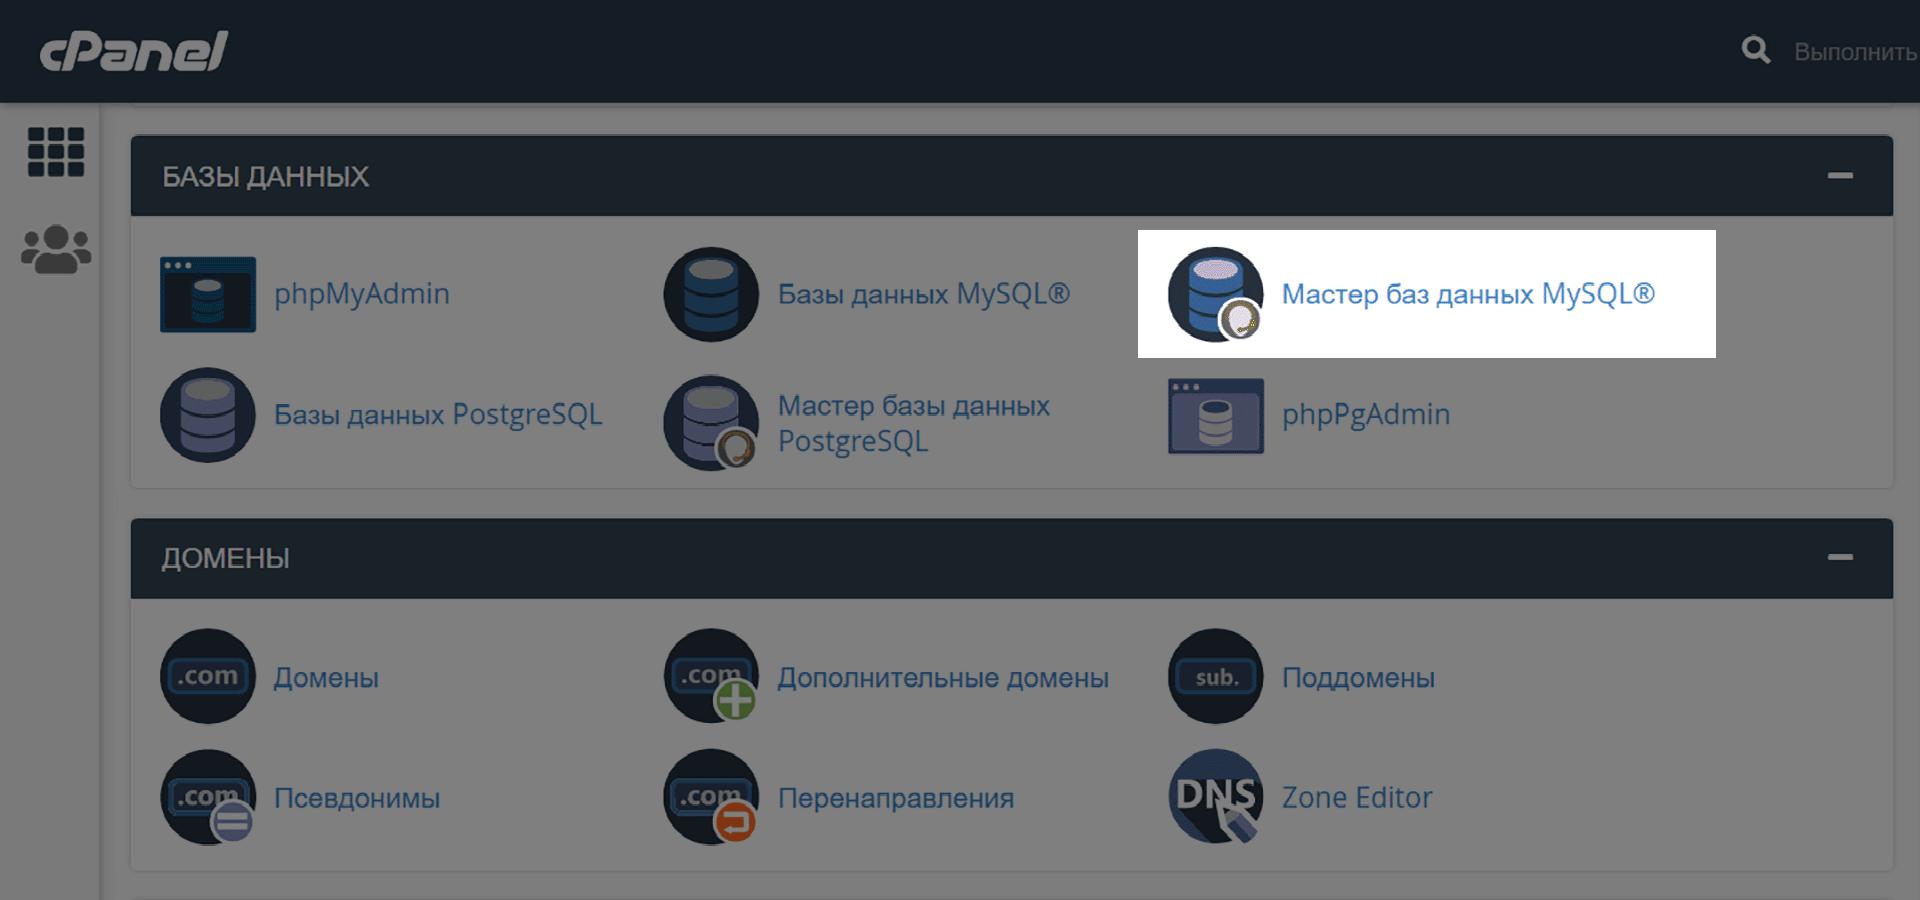 хостинг игровых серверов css source